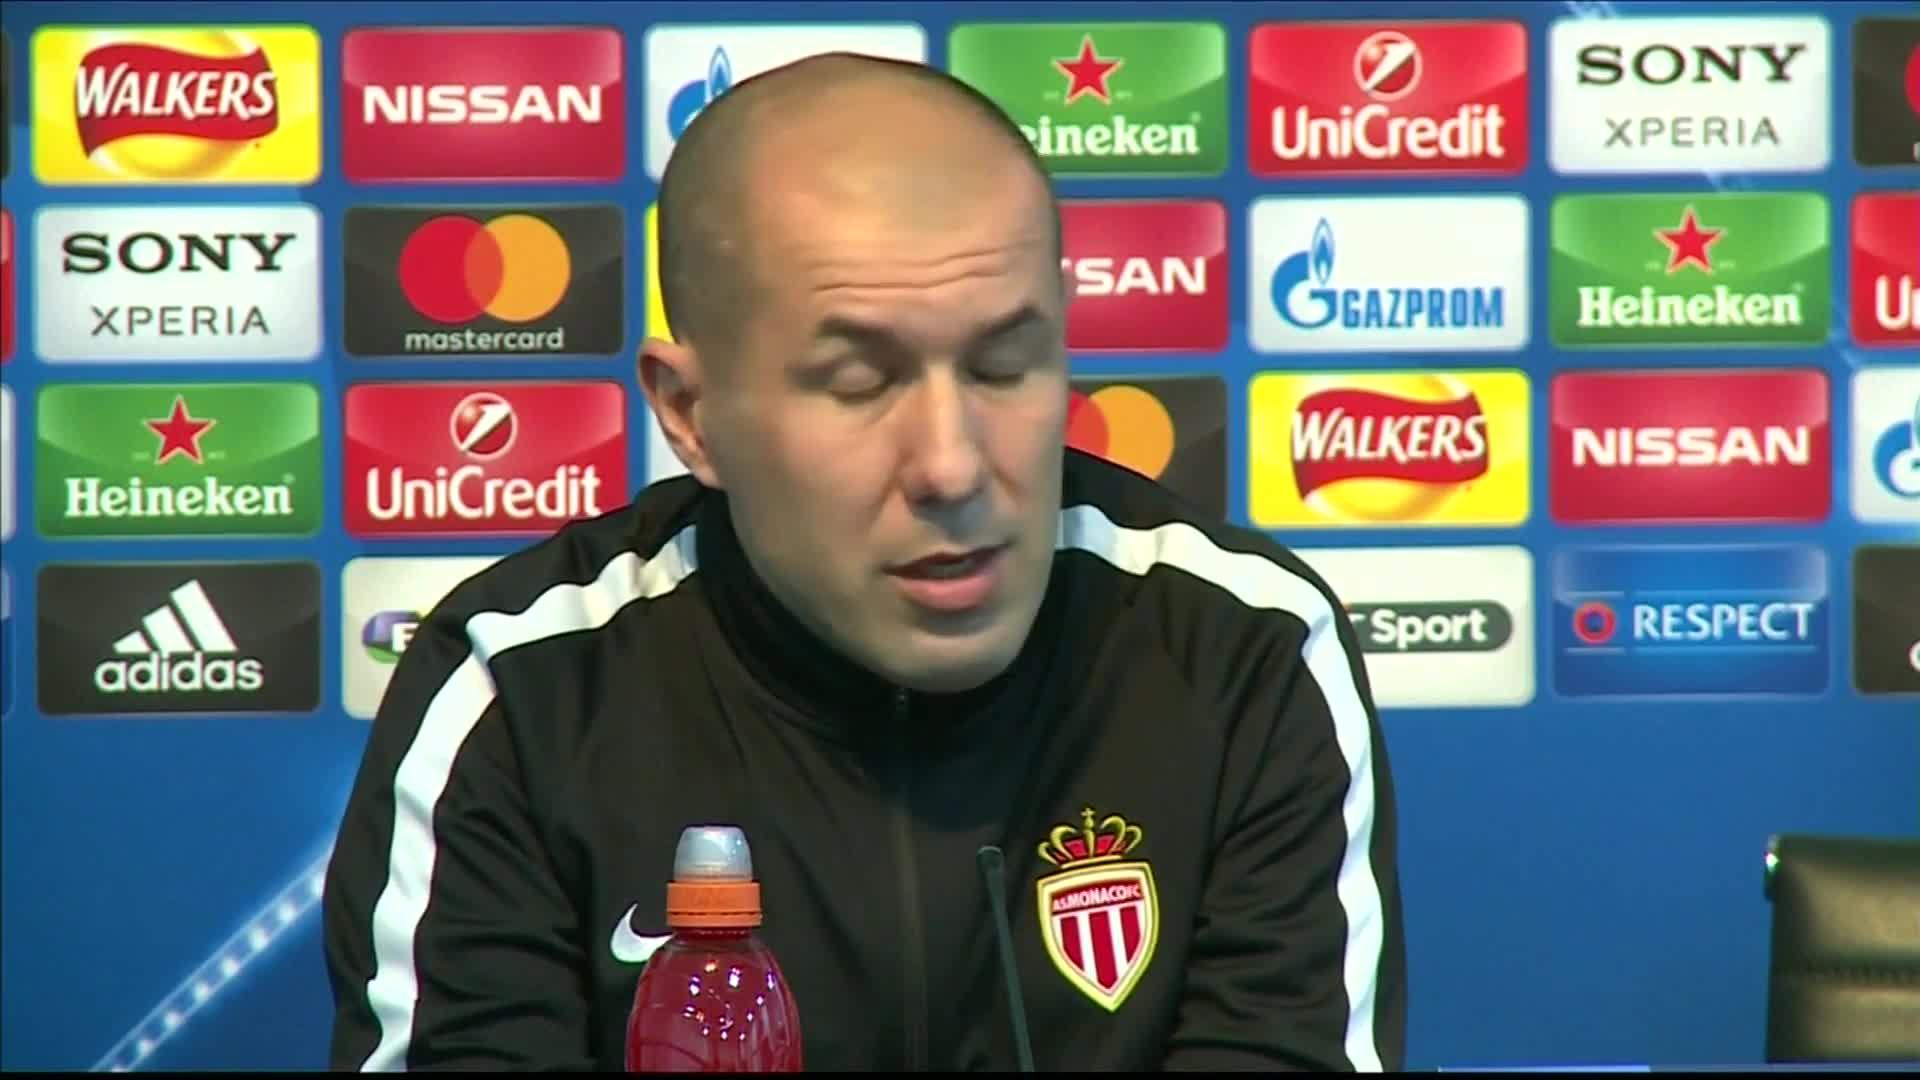 Jardim focused on Monaco 'project' amid Premier League speculation